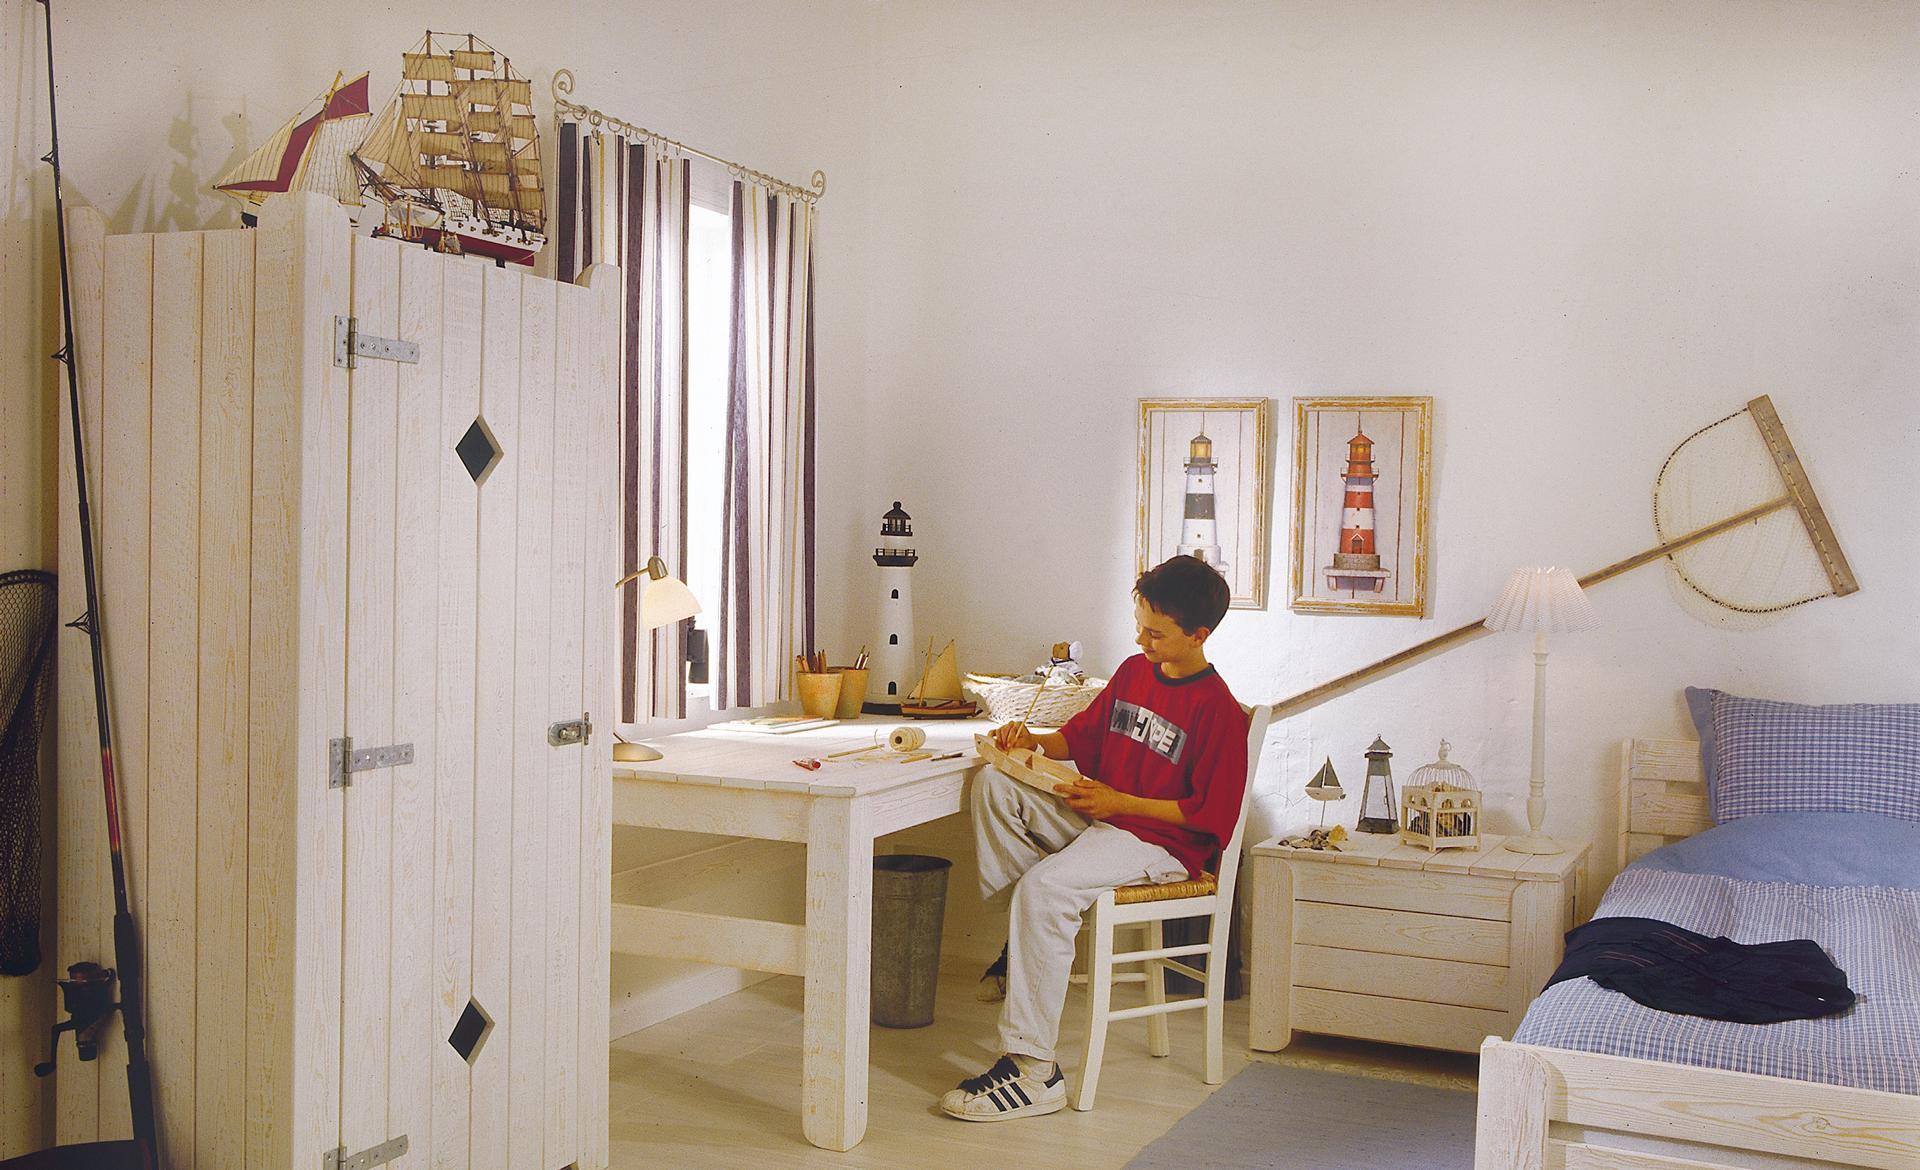 Full Size of Einrichtung Kinderzimmer Einrichten Selbstde Regal Weiß Sofa Regale Kinderzimmer Einrichtung Kinderzimmer